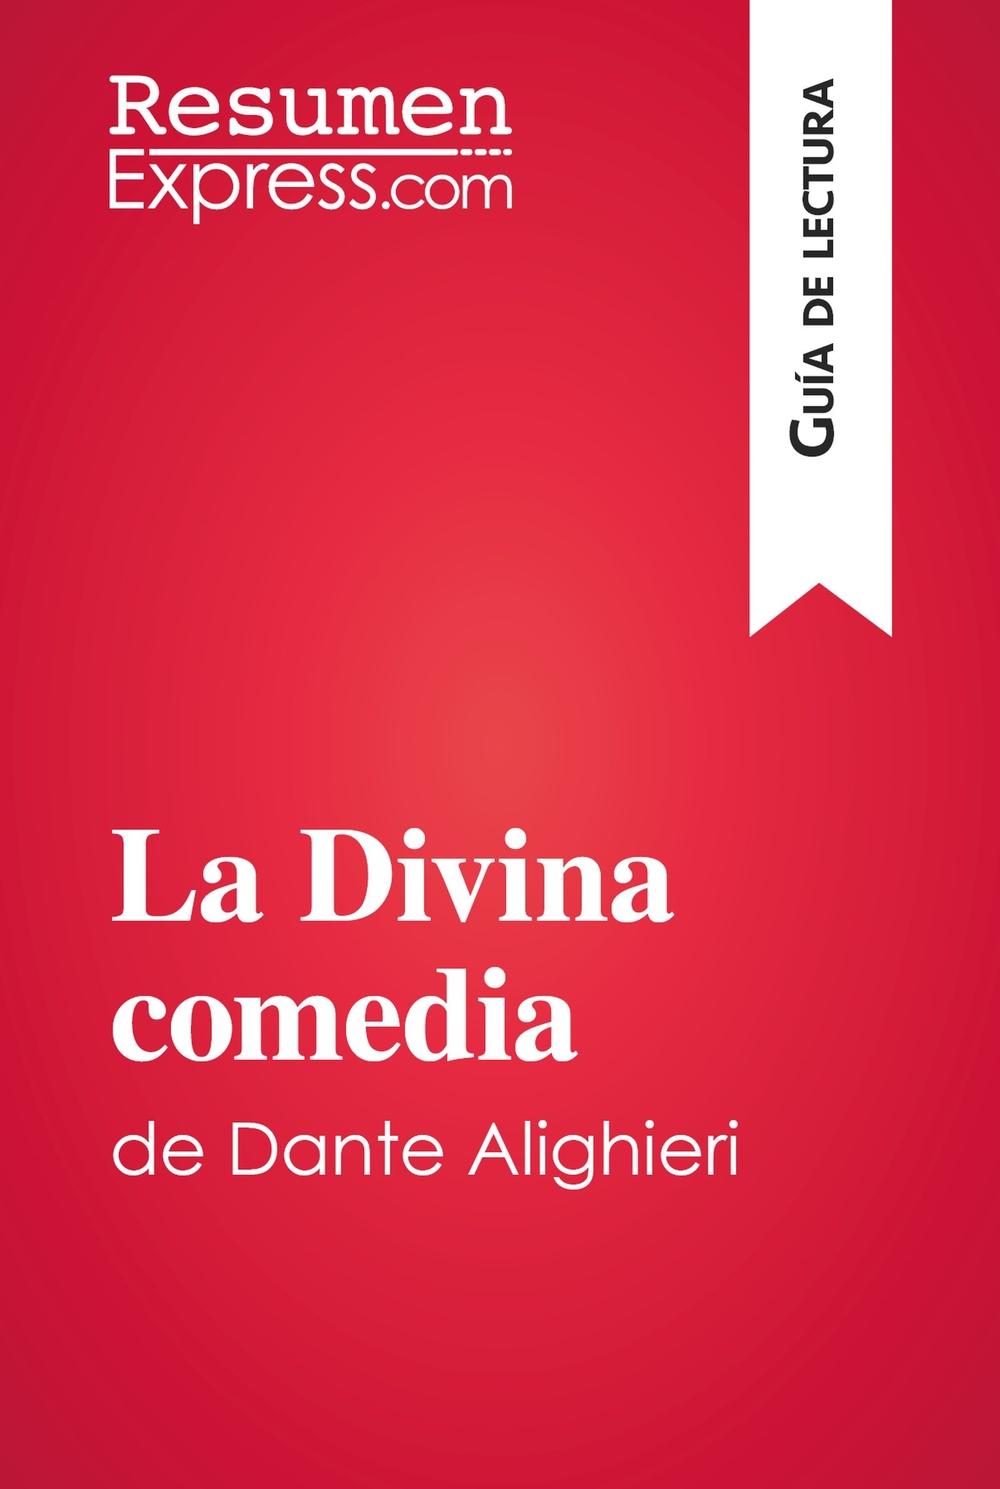 La Divina comedia de Dante Alighieri (Guía de lectura)